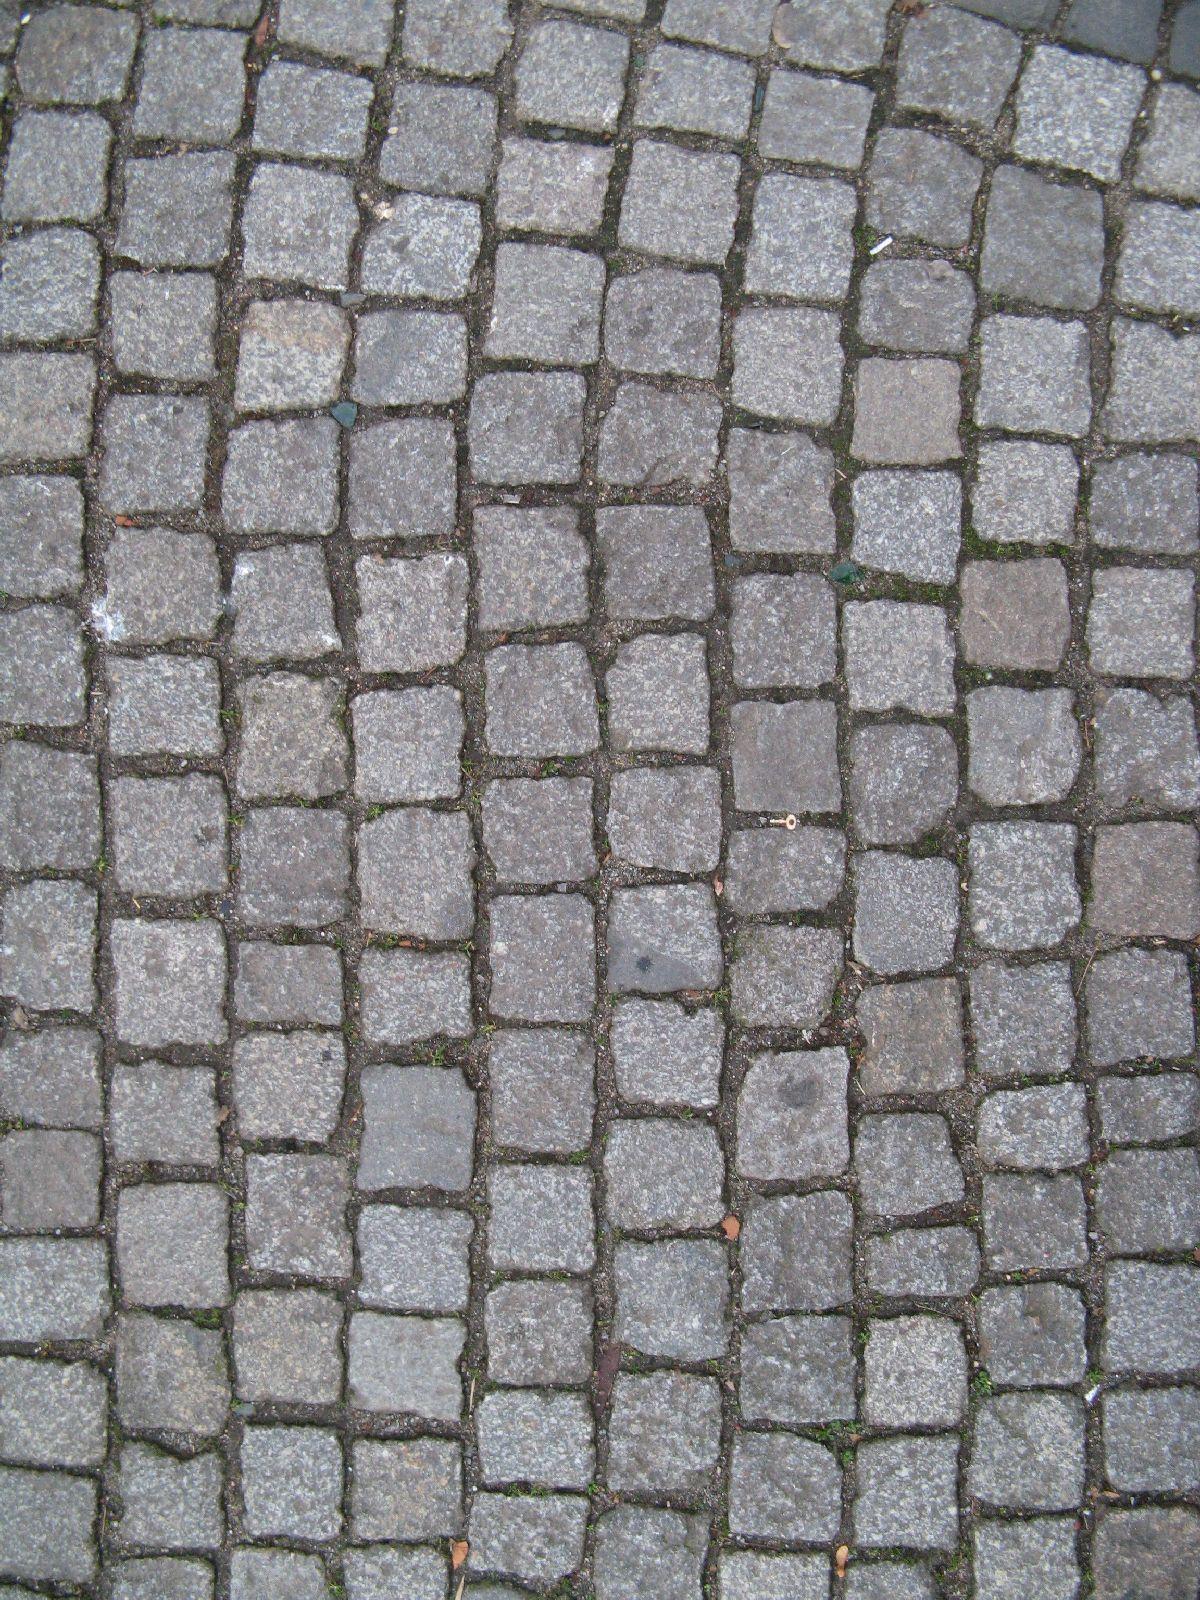 Boden-Gehweg-Strasse-Buergersteig-Textur_B_1113